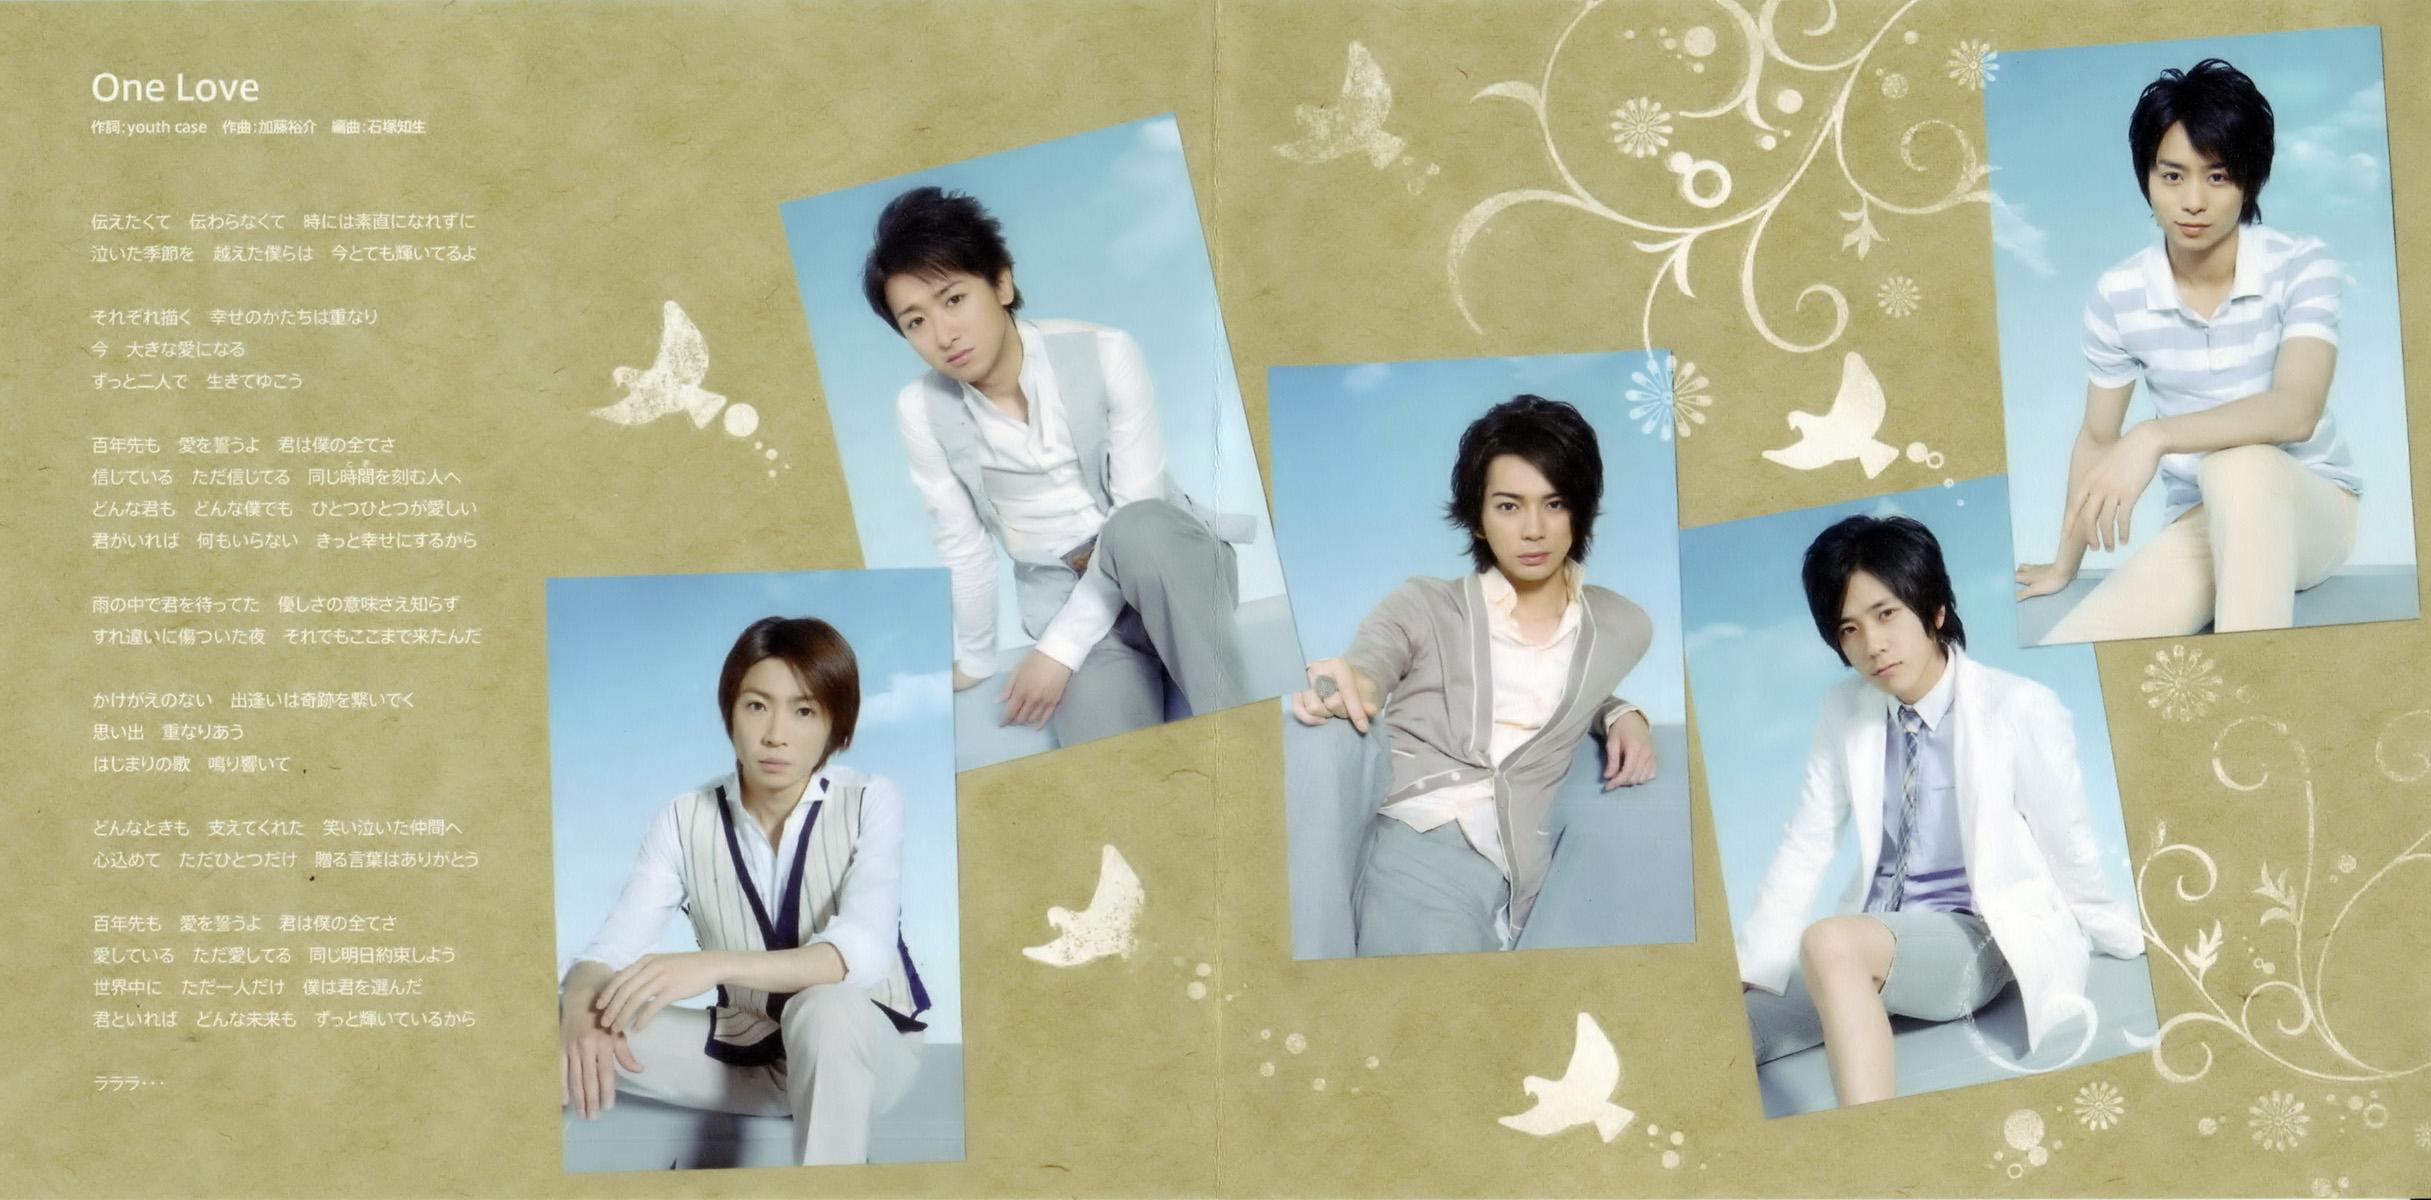 Arashi  One Love Music Pixels